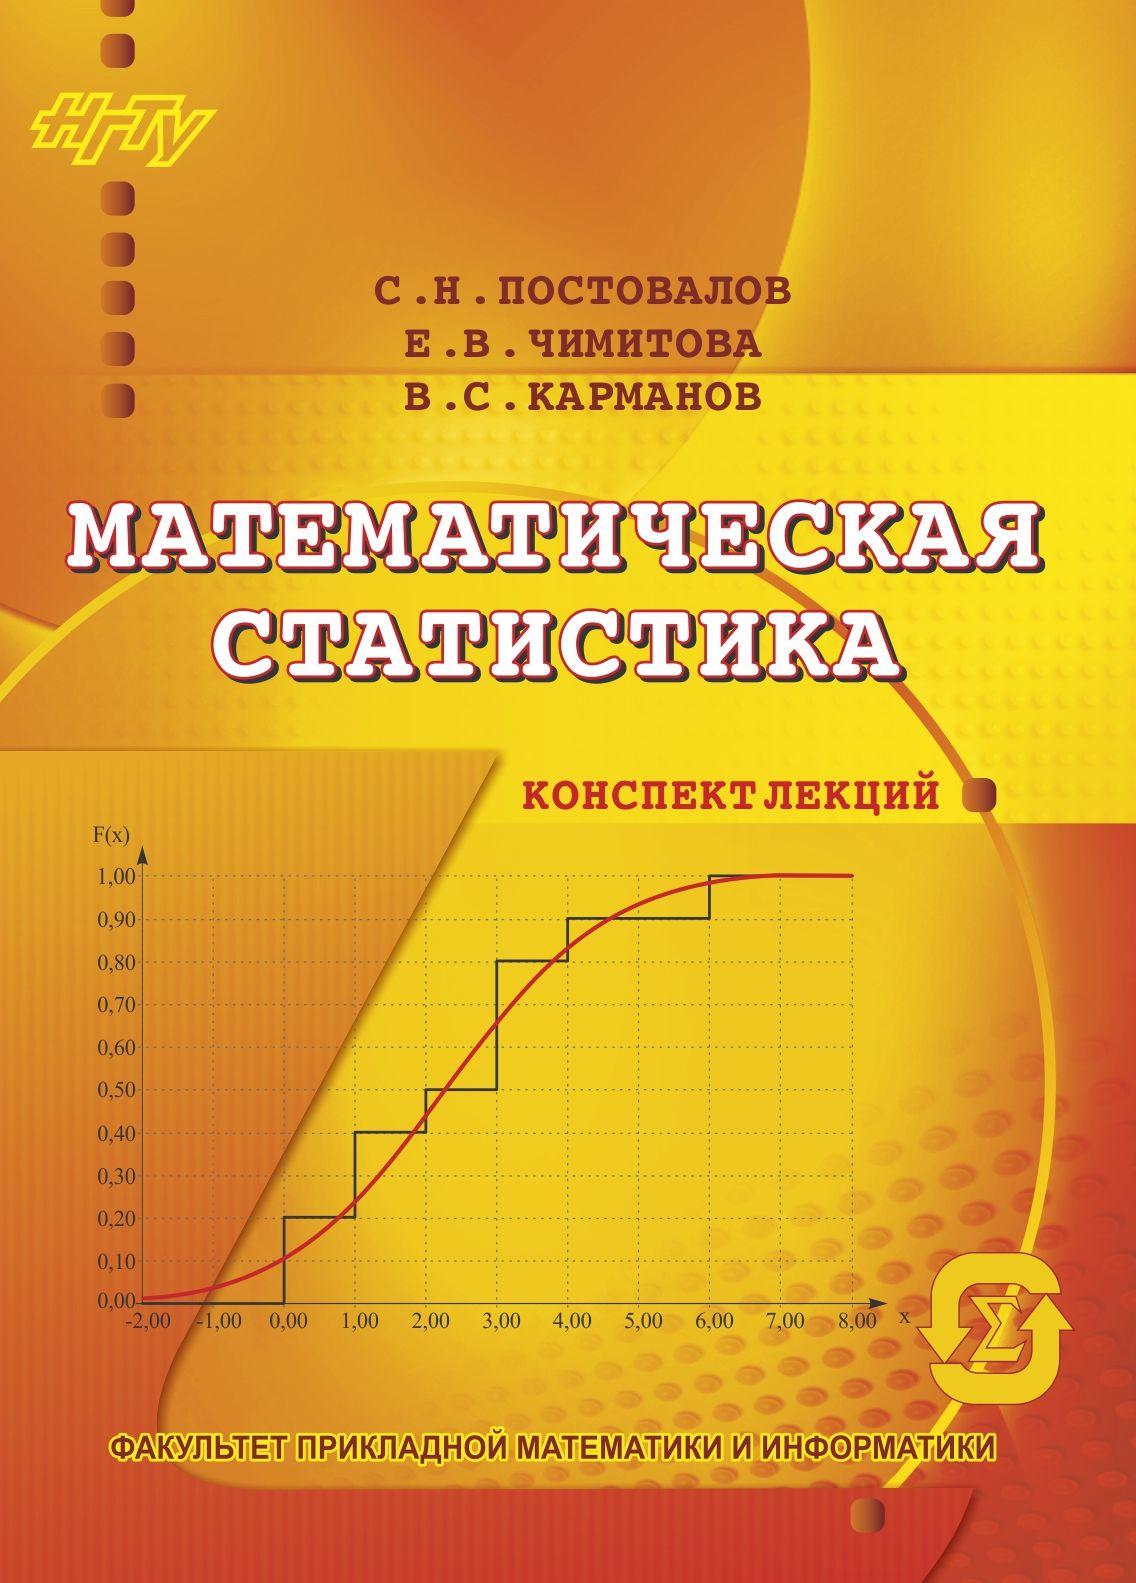 Виталий Карманов Математическая статистика. Конспект лекций даниил лисицин объектно ориентированное программирование конспект лекций